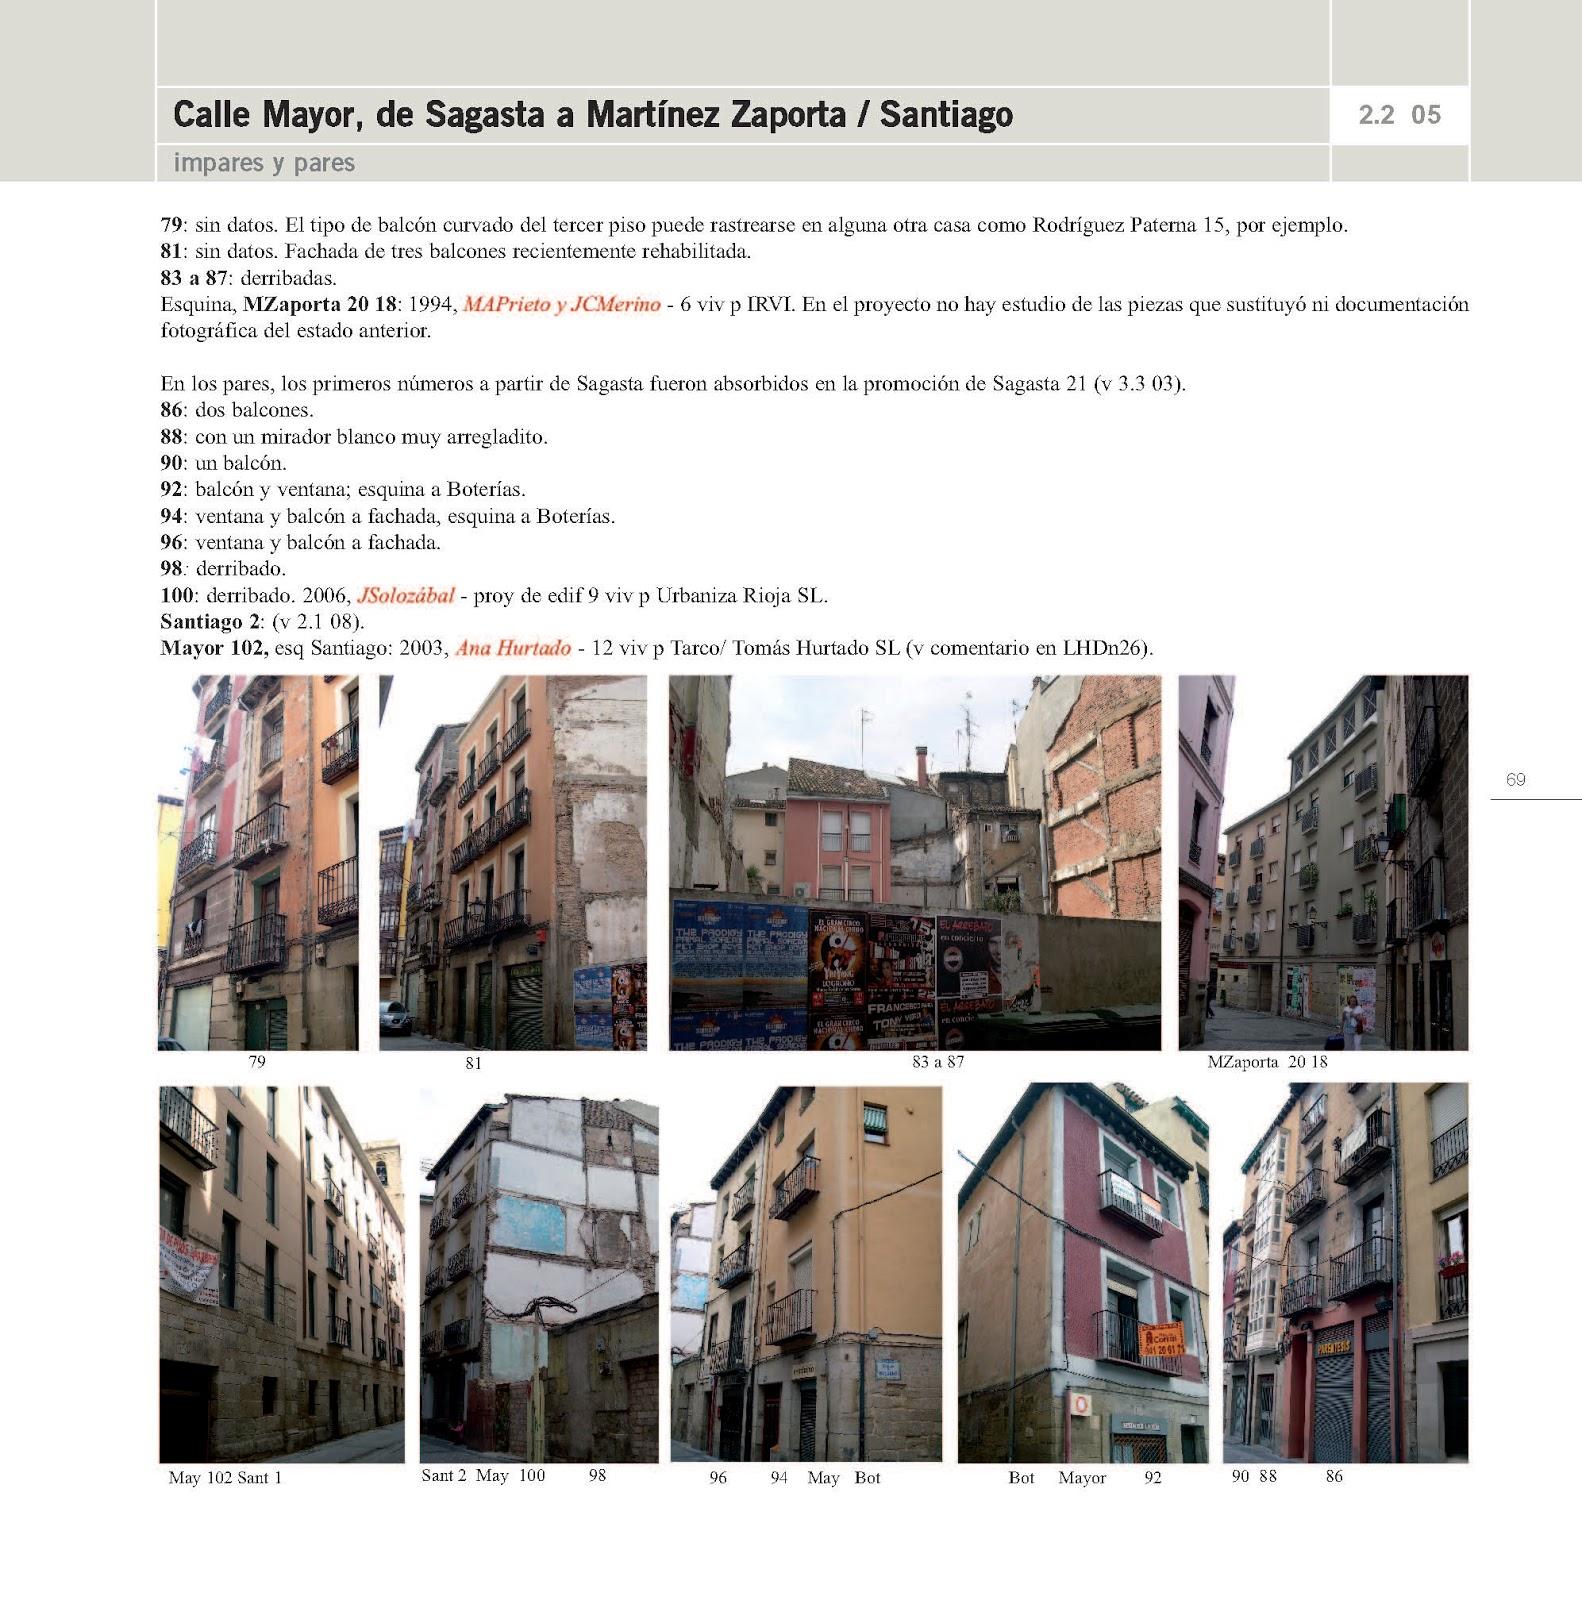 Guia De Arquitectura De Logro O Paginas 2 2 05 Calle